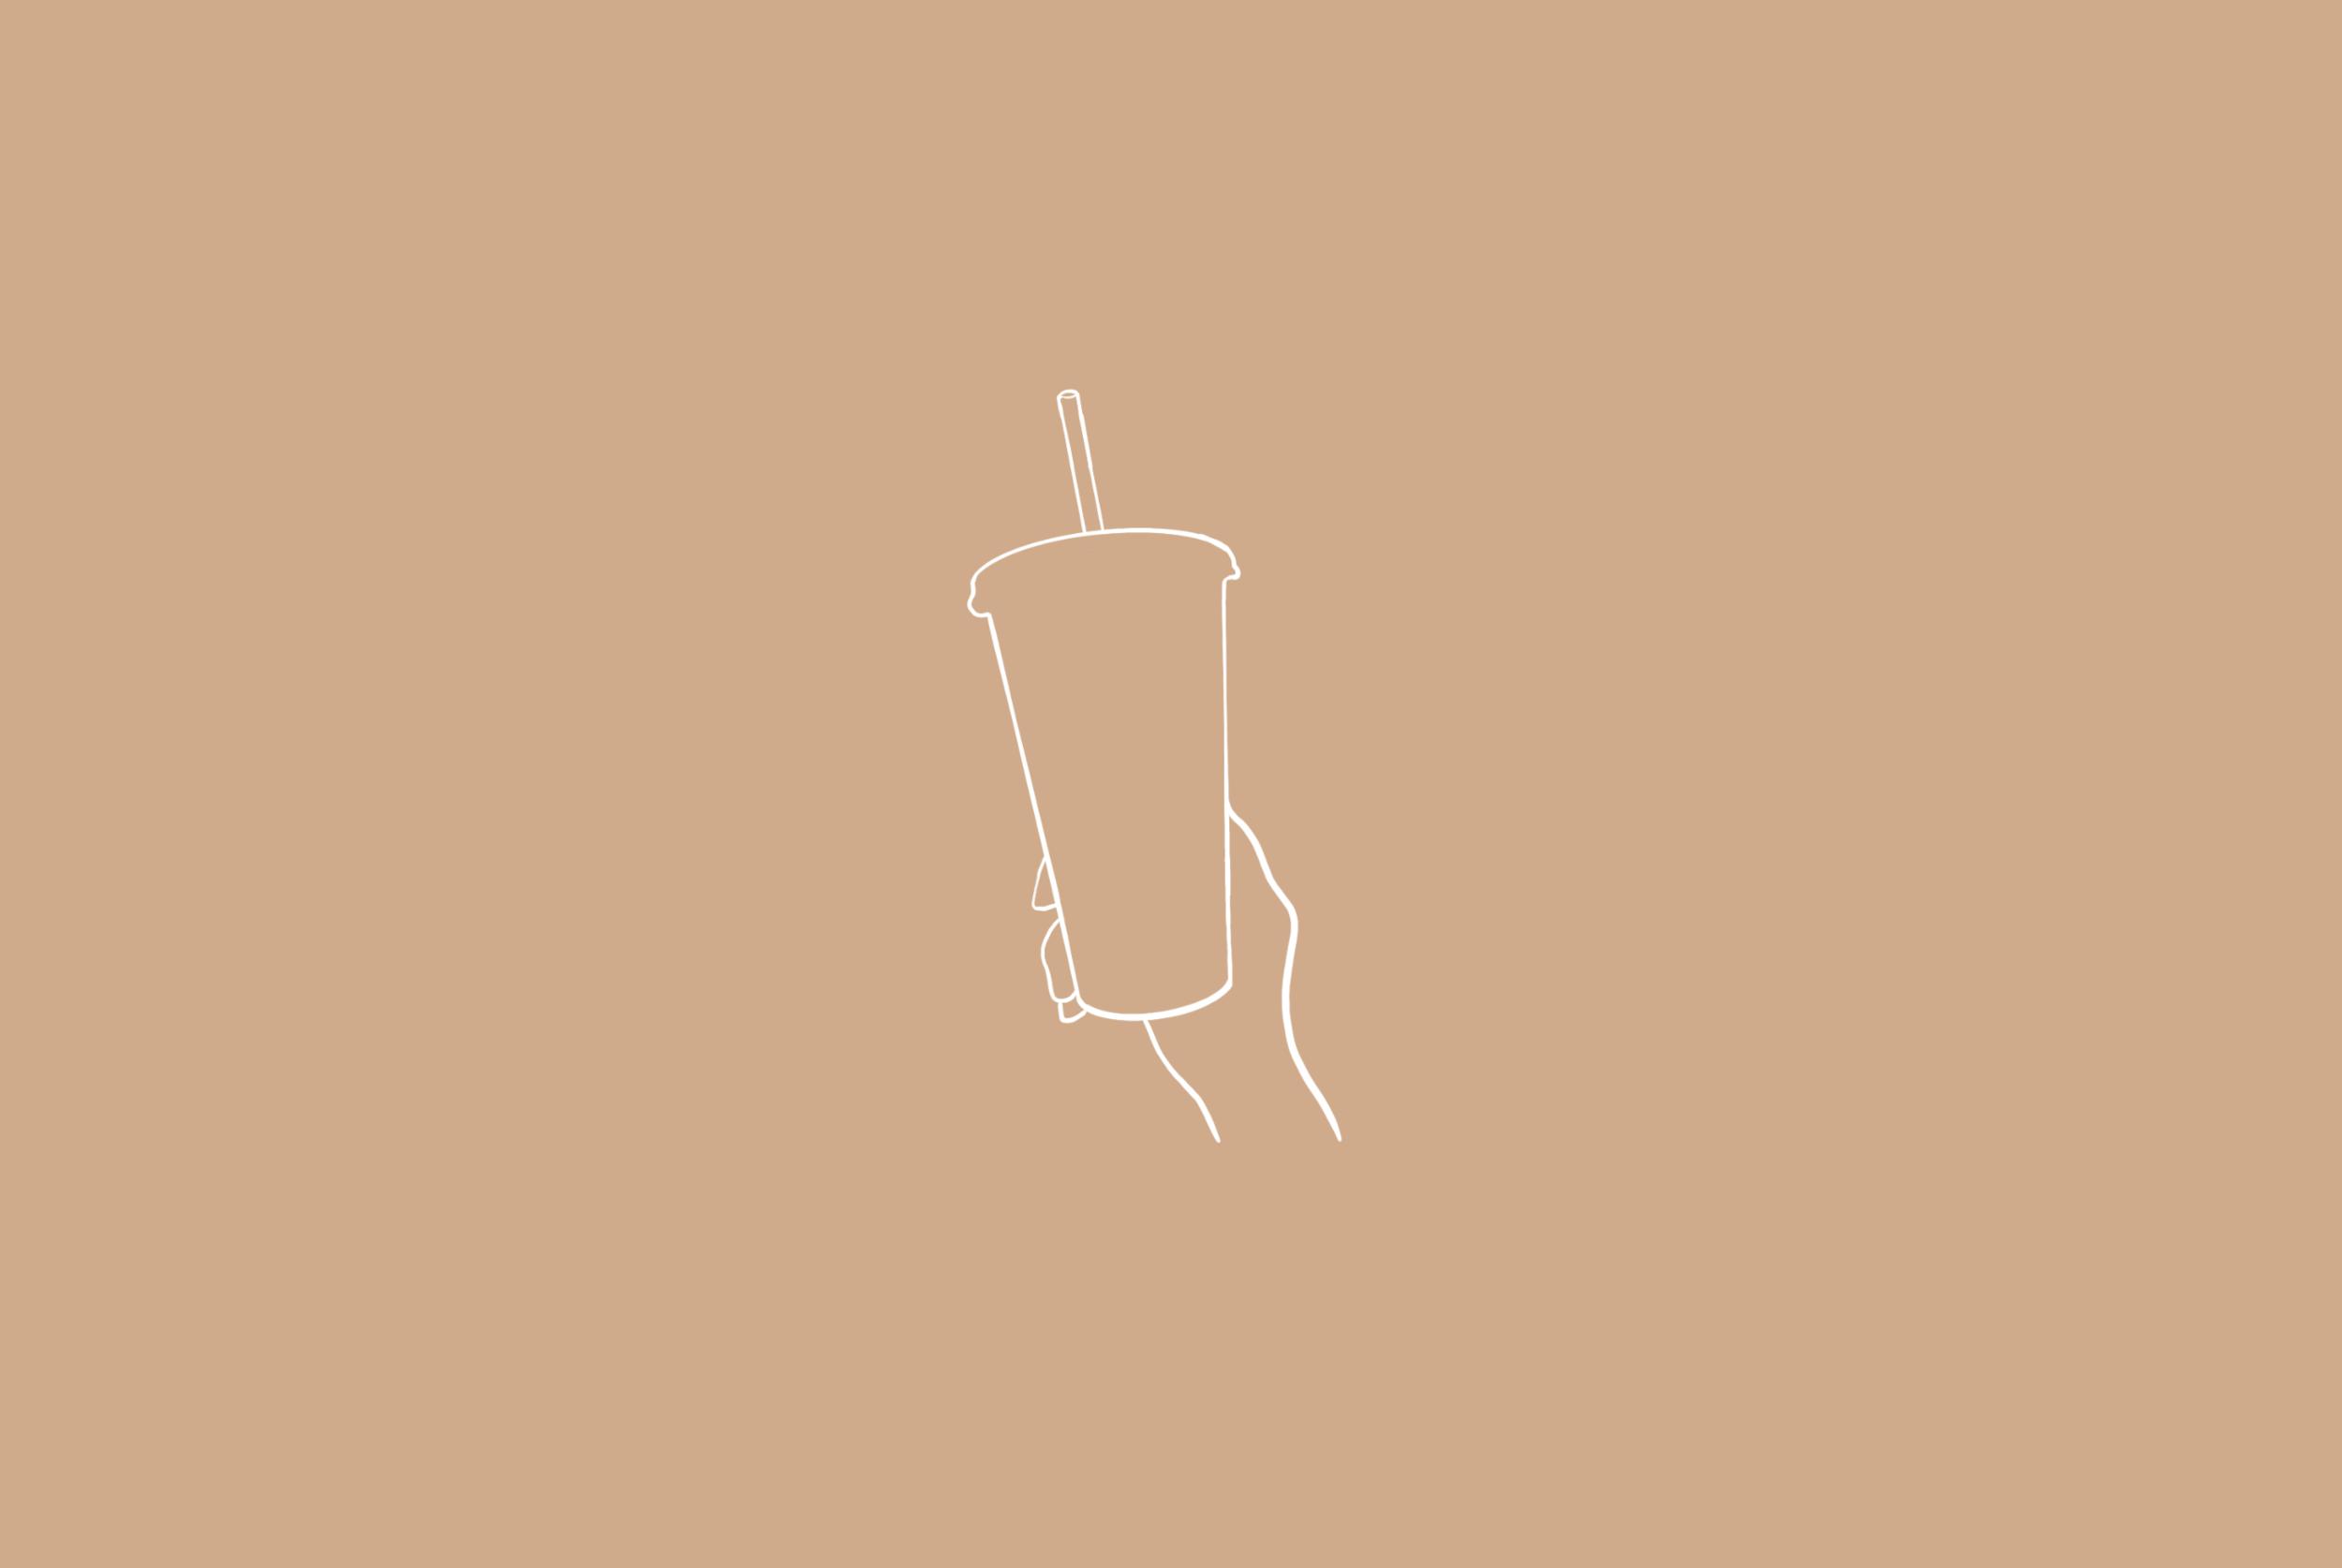 Coffee Wallpaper Hd Aesthetic Gambar Ngetrend Dan Viral